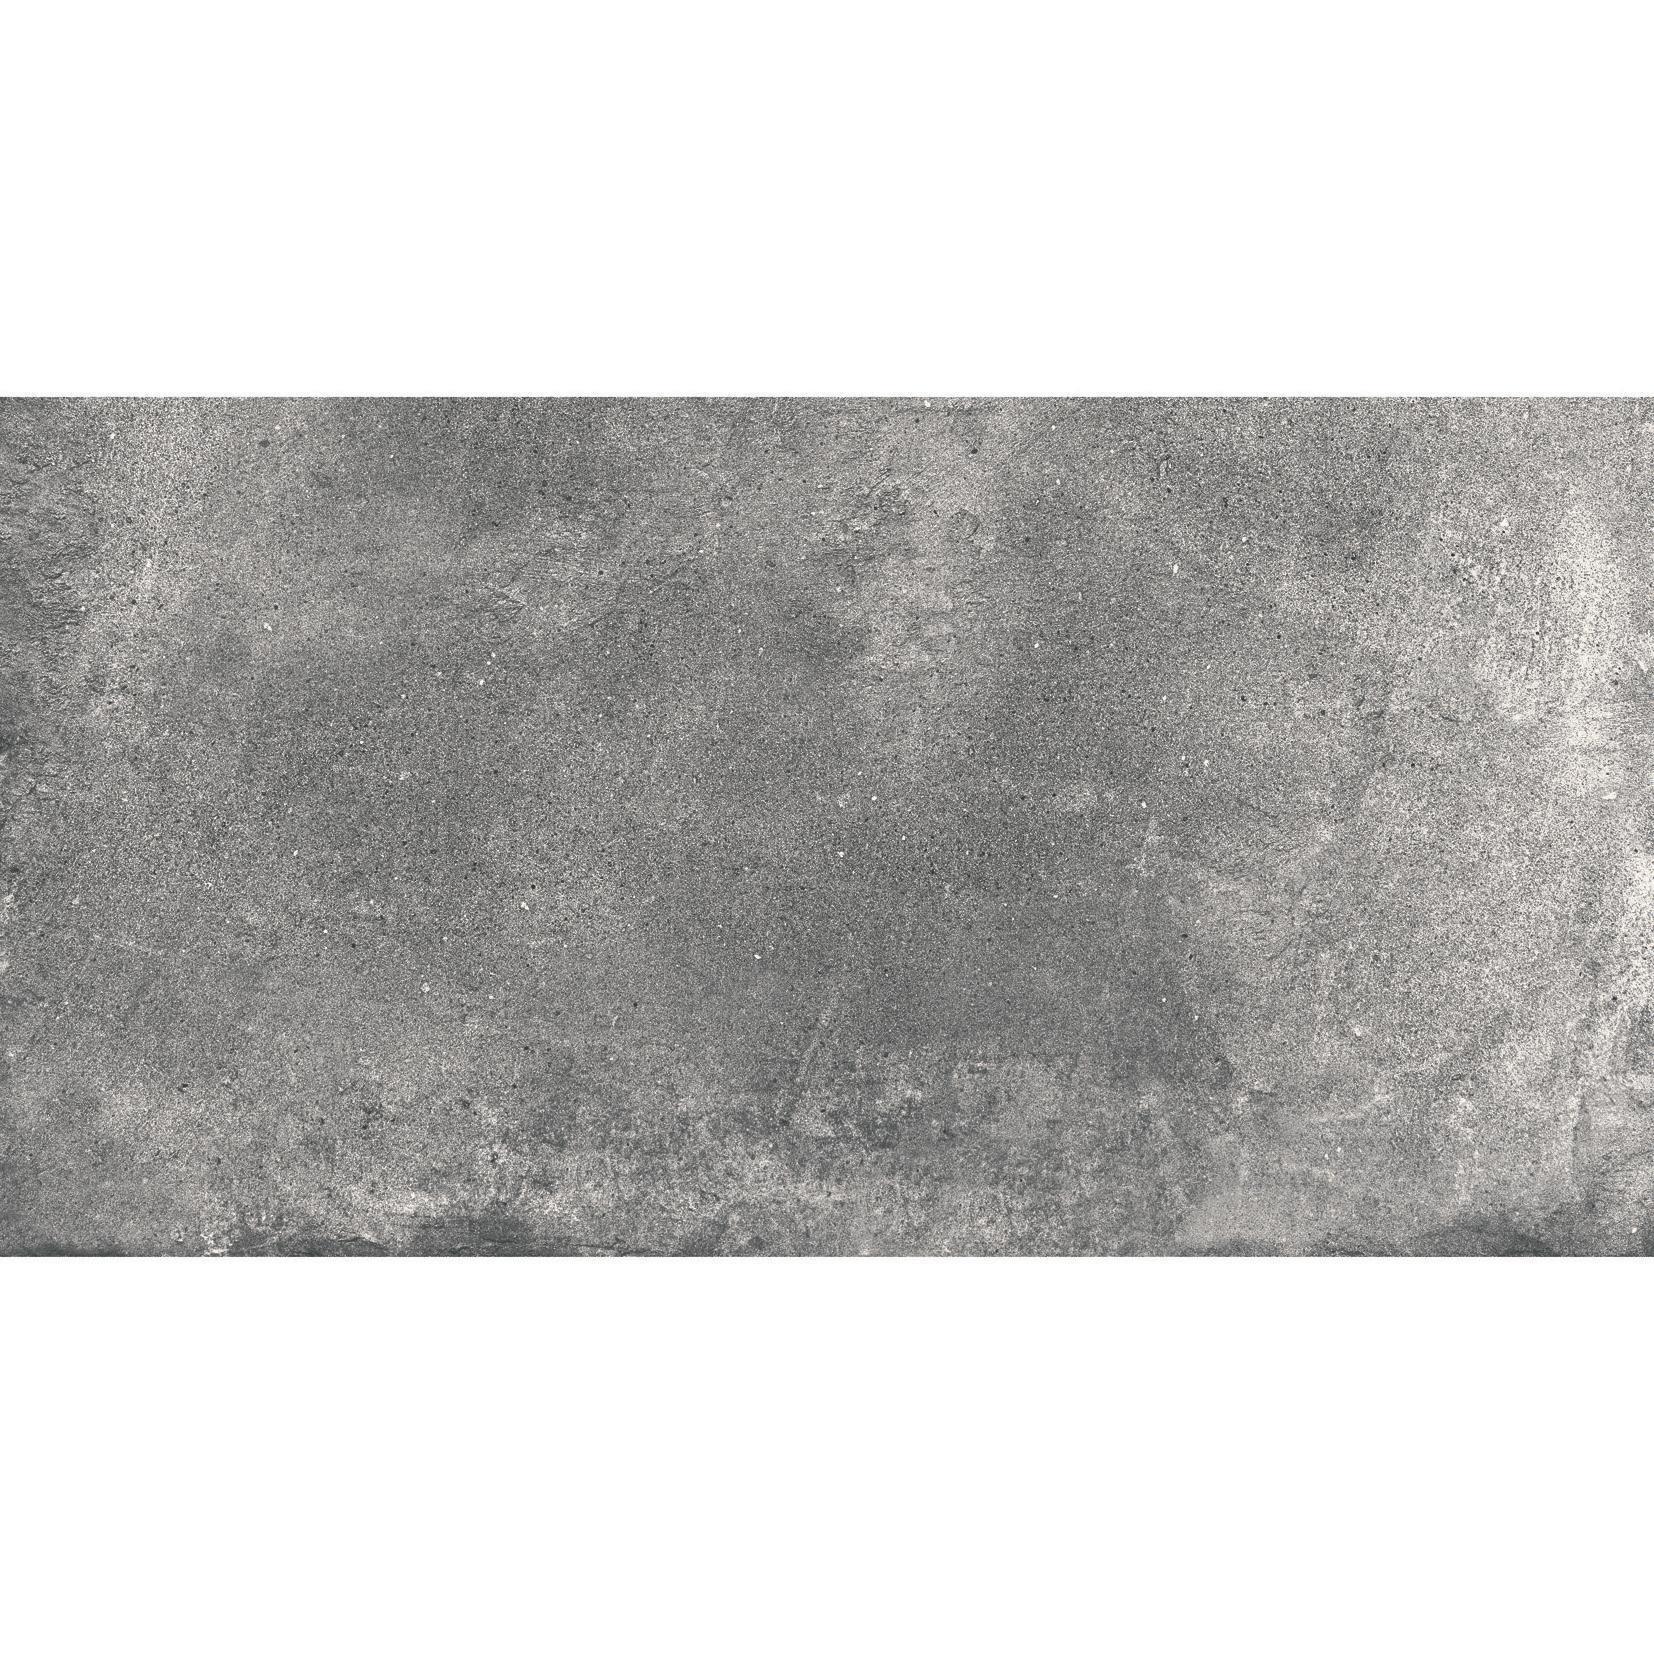 Piastrella New York 30 x 60 cm sp. 7.5 mm PEI 3/5 nero - 2